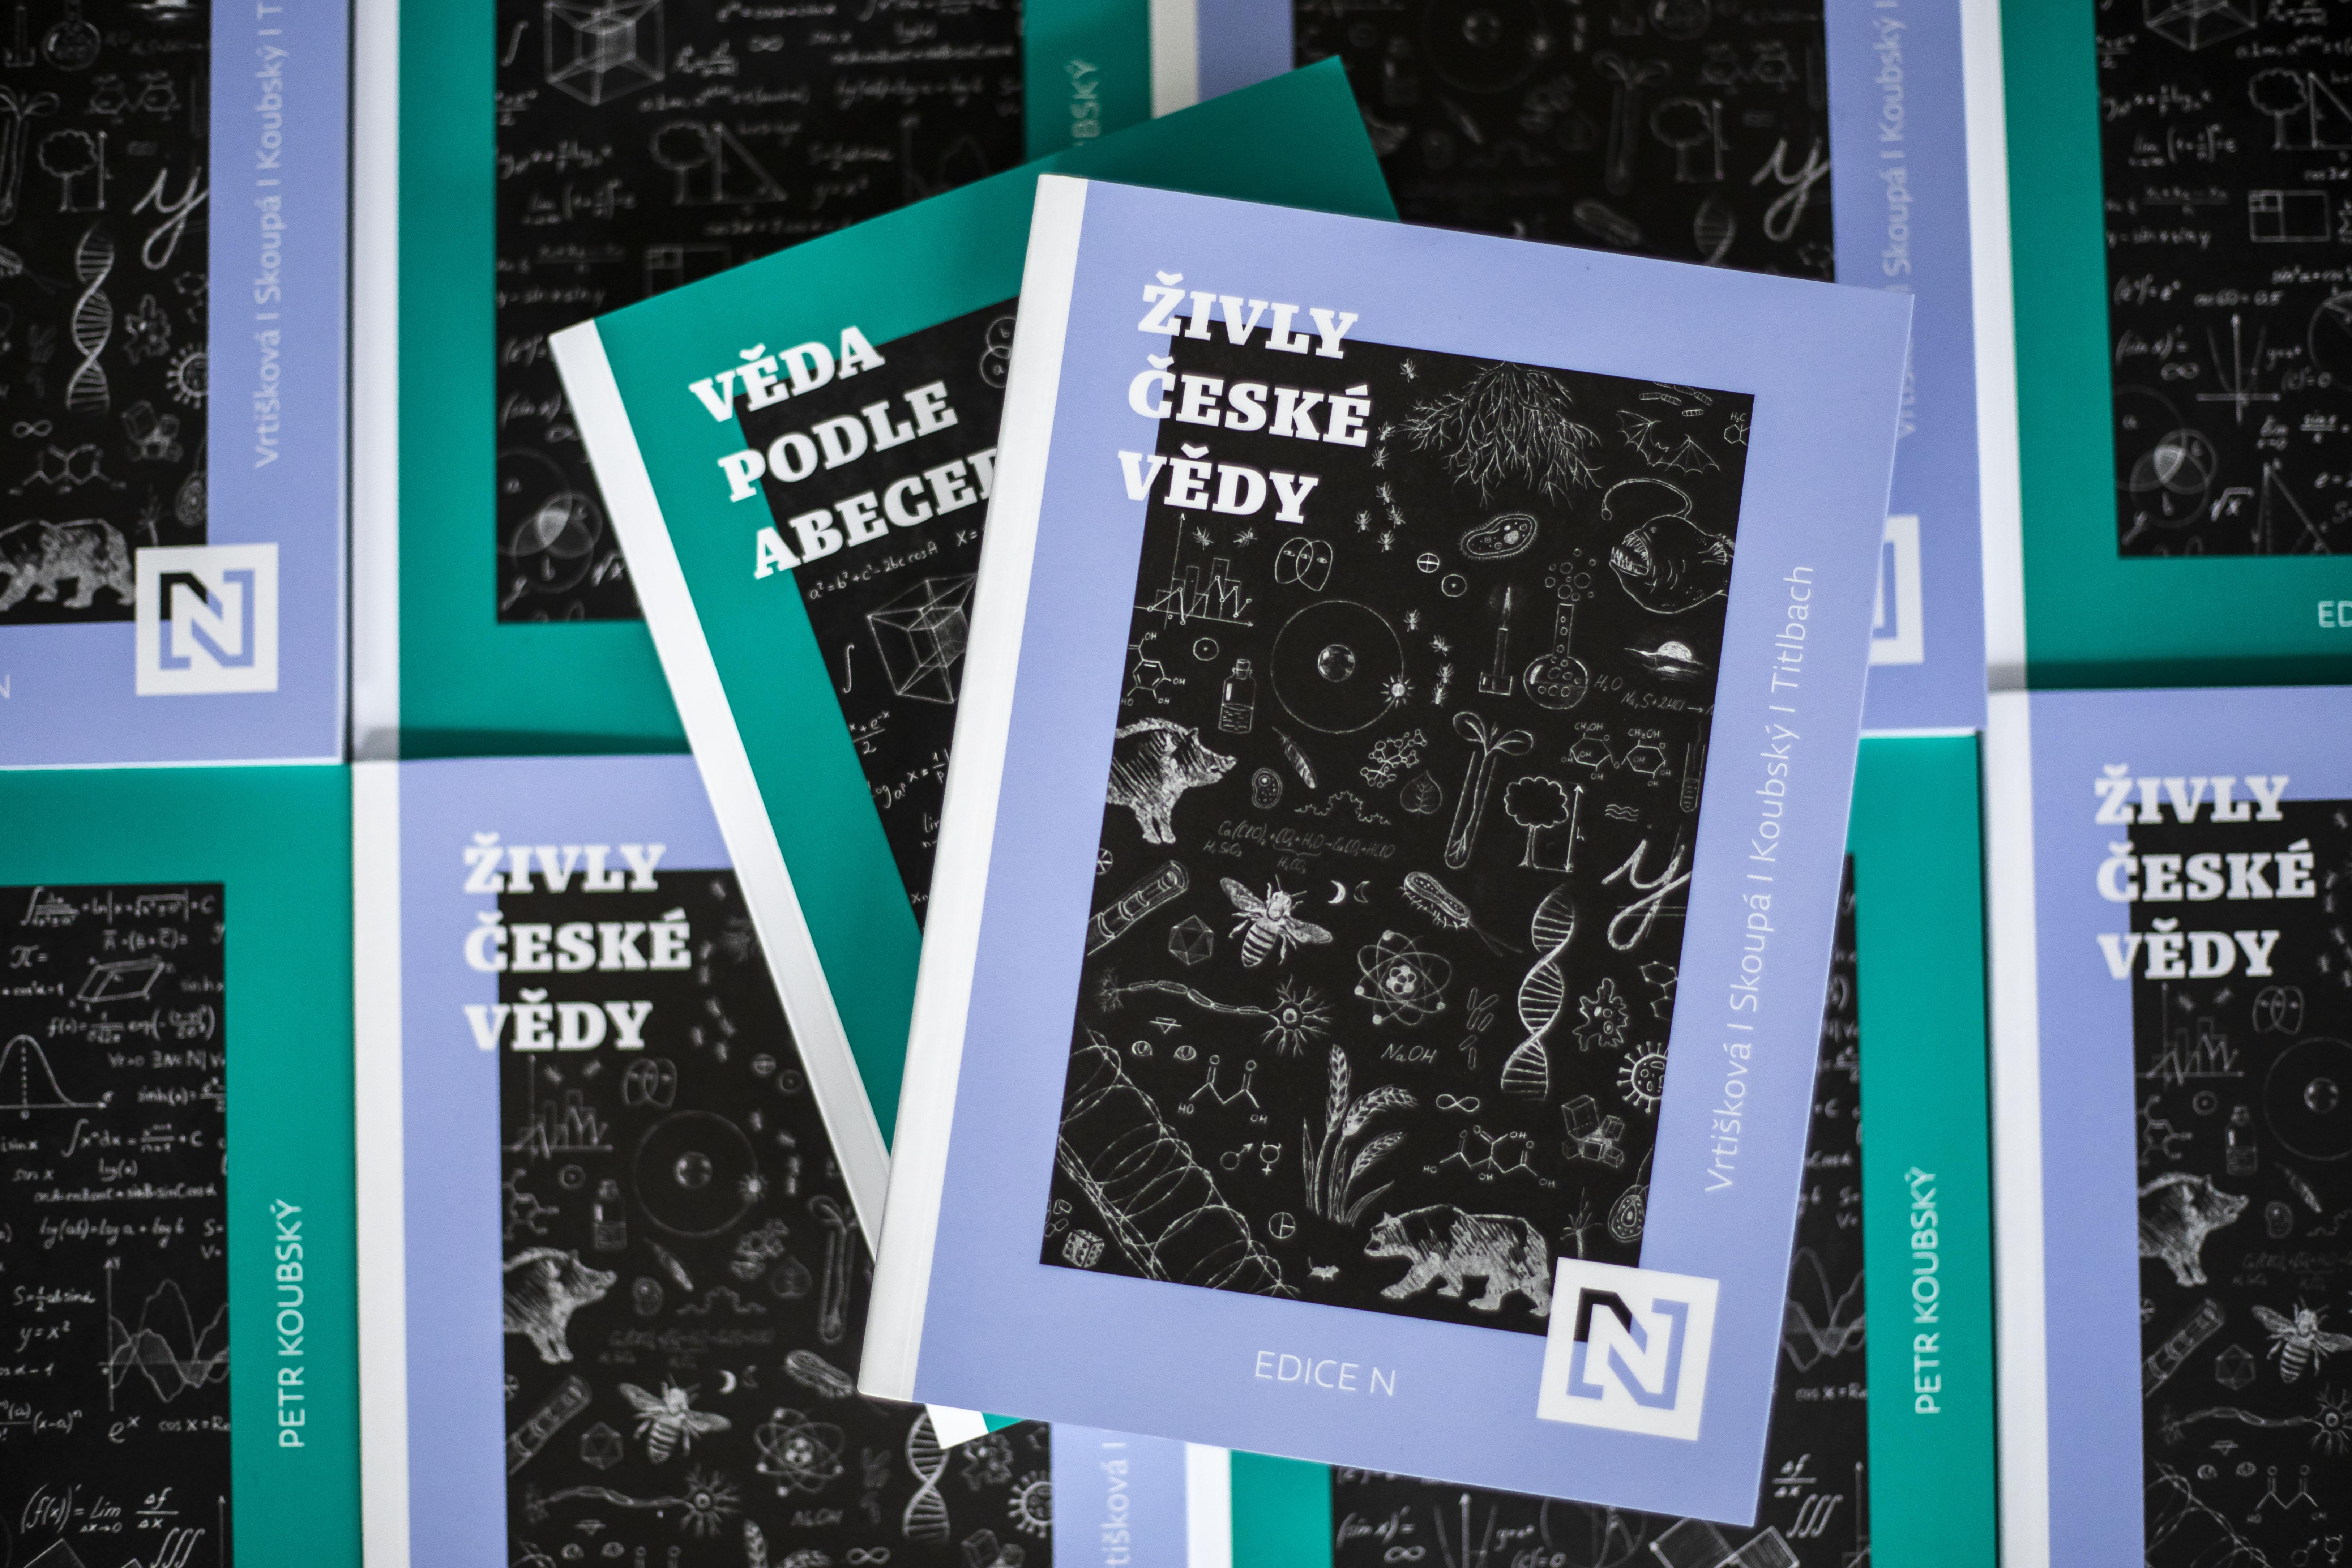 Knihy o vědě (zvýhodněný balíček)